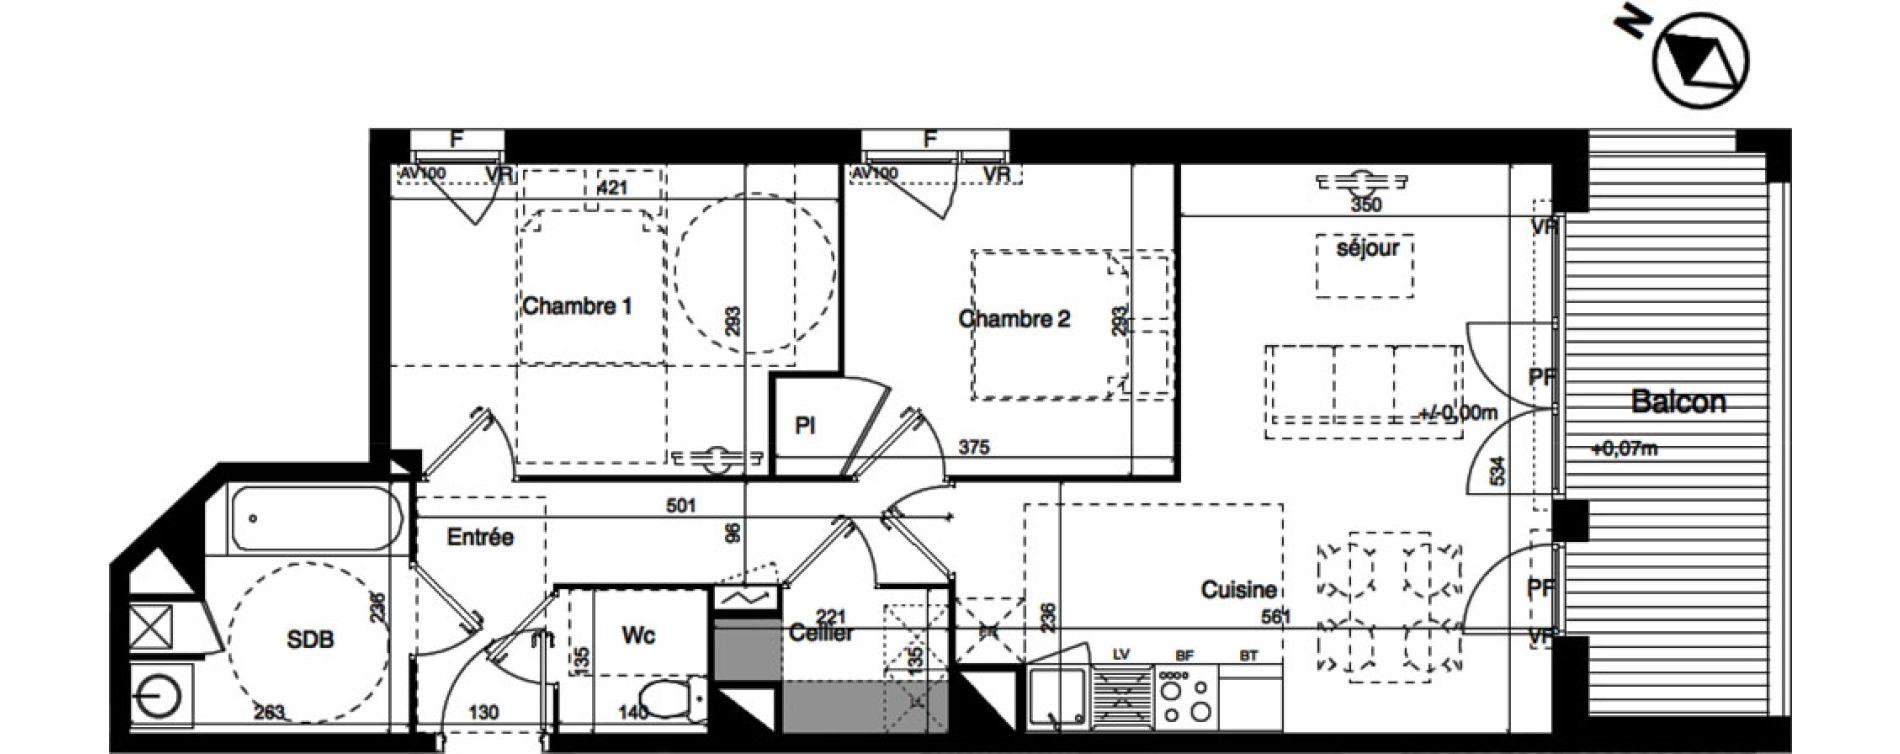 Appartement T3 de 60,97 m2 à Toulouse La roseraie